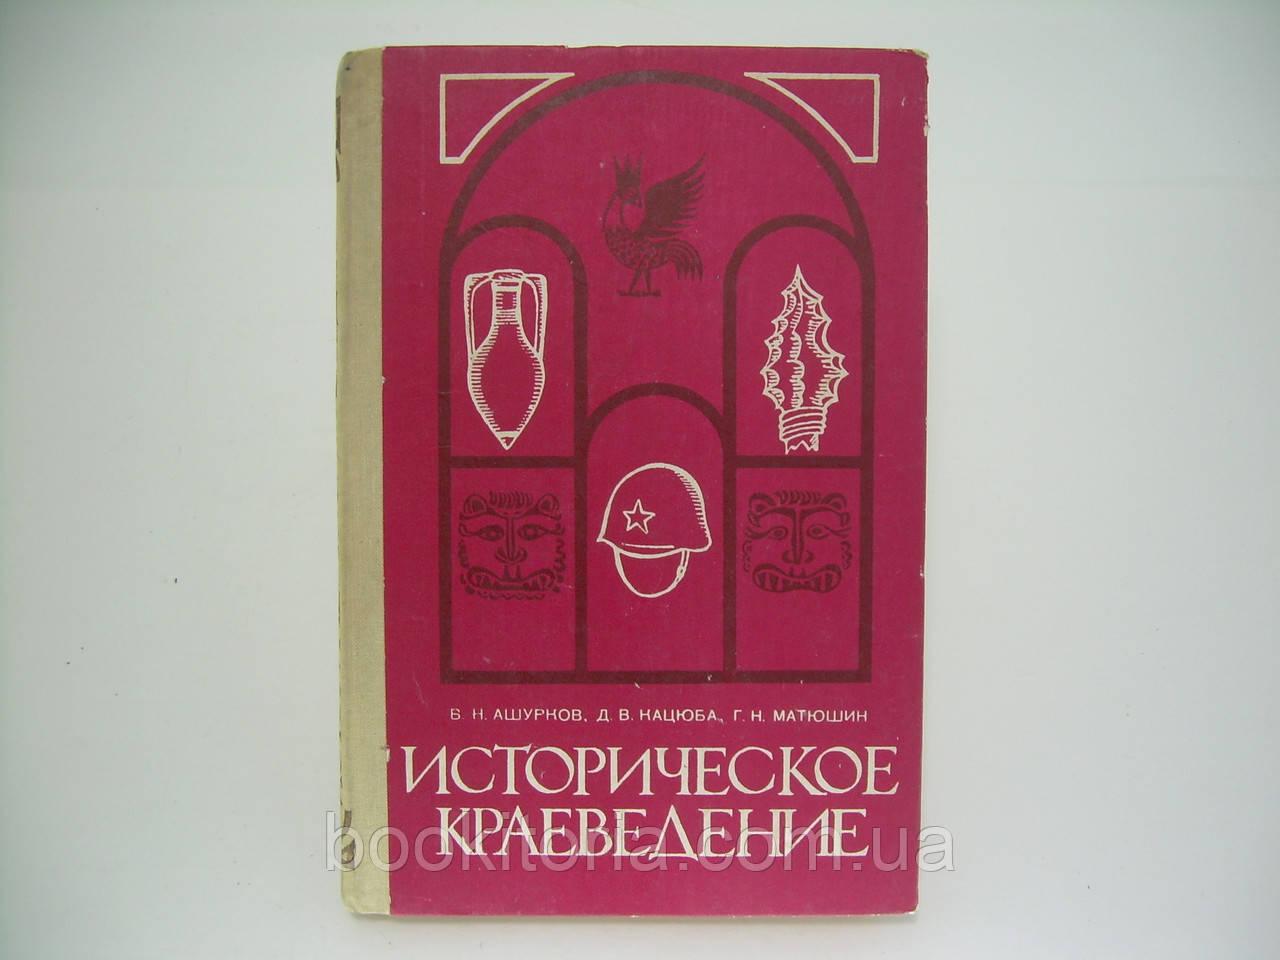 Ашурков Б.Н. и др. Историческое краеведение (б/у).